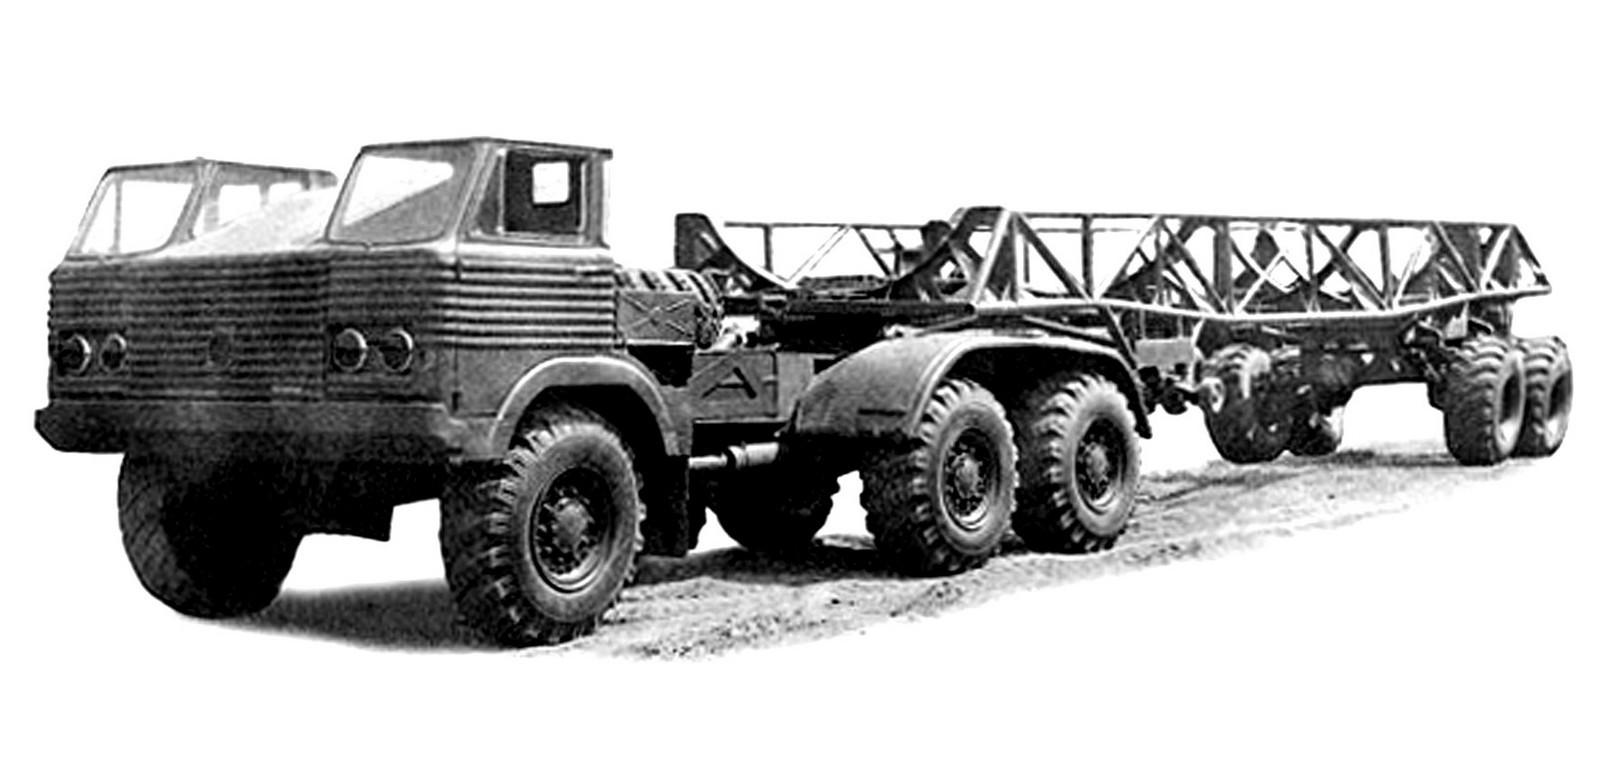 Проект применения полуприцепа 40П с седельным тягачом на шасси грузовика И-21-15 (из архива НИИЦ АТ)